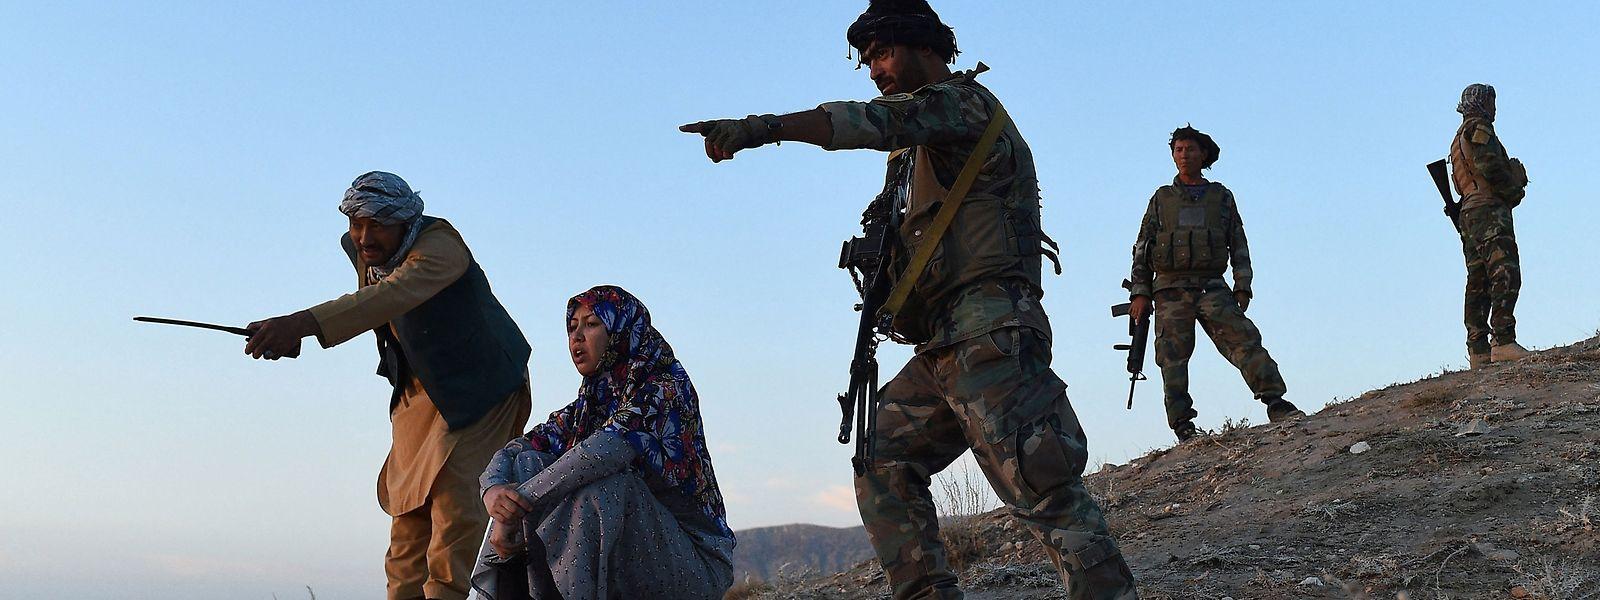 Die Regierungstruppen können die Taliban kaum aufhalten.